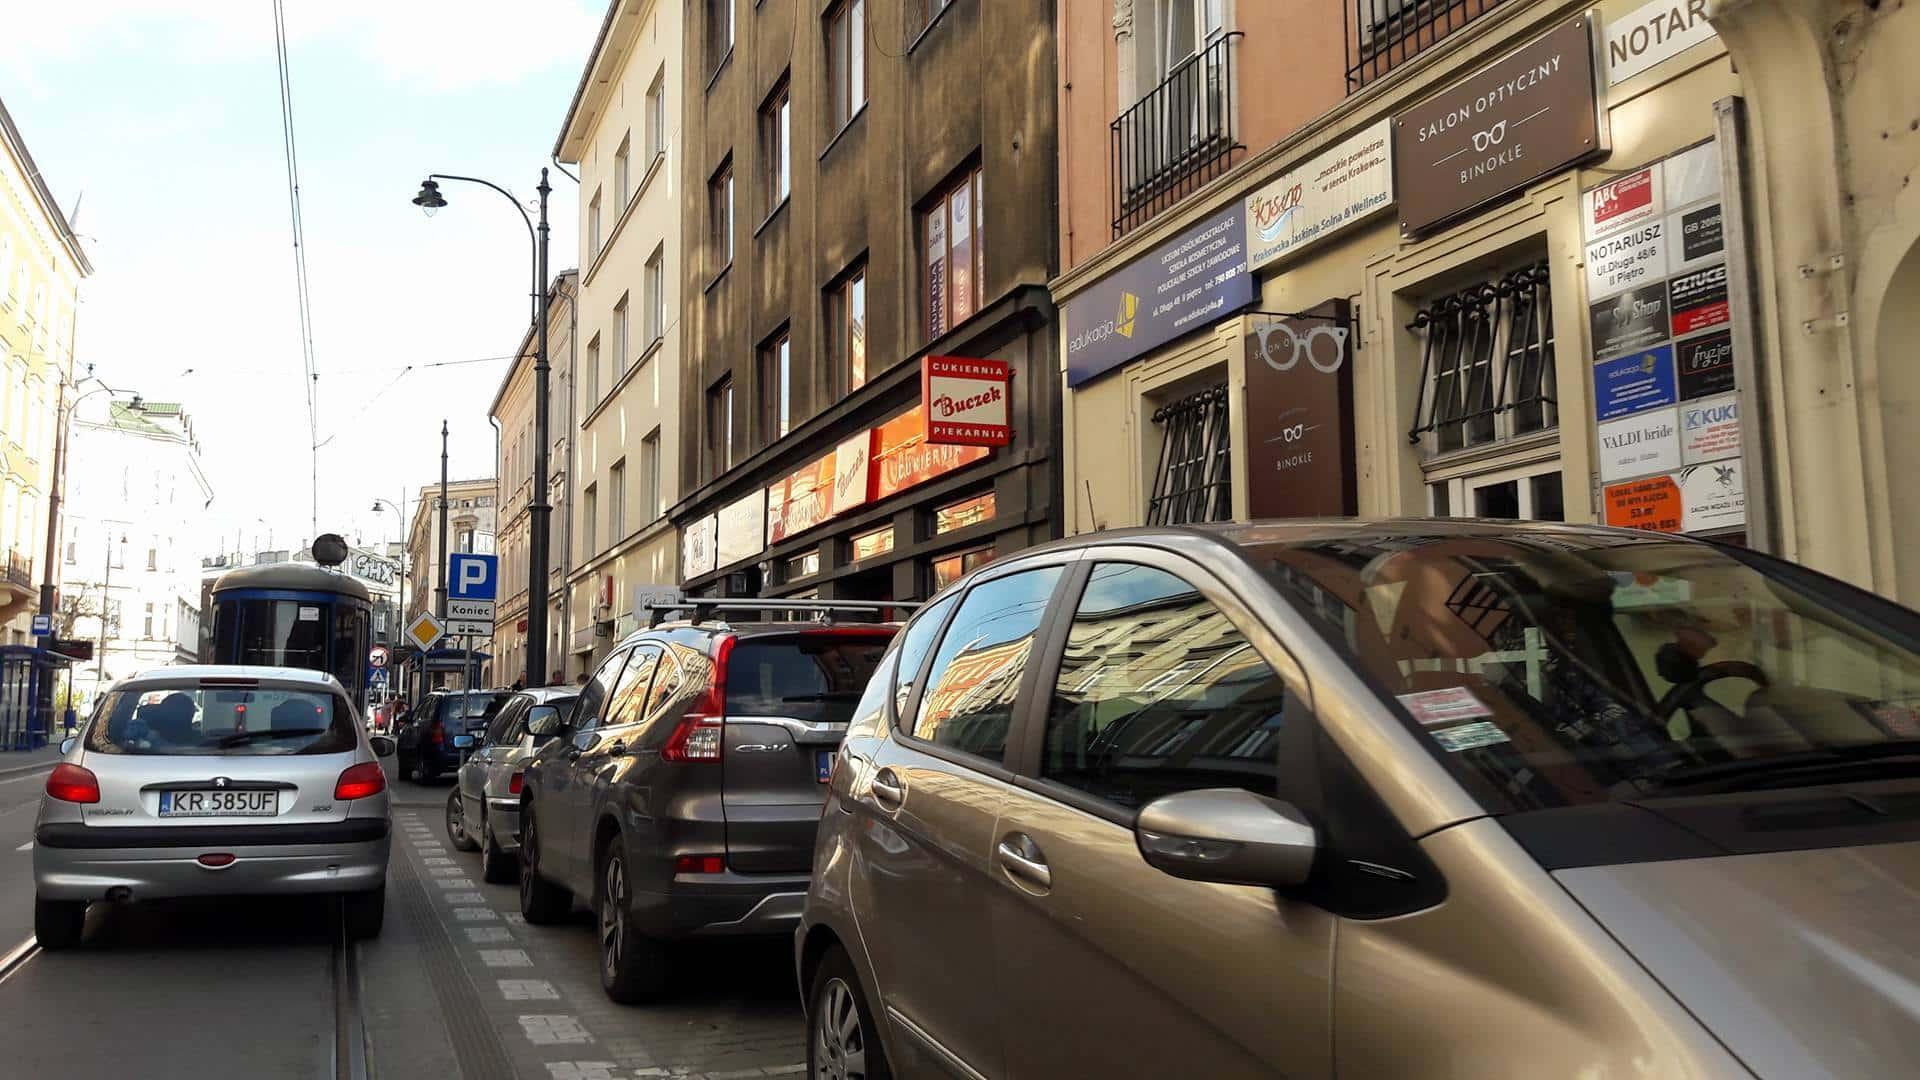 Ulica Długa. Kraków.